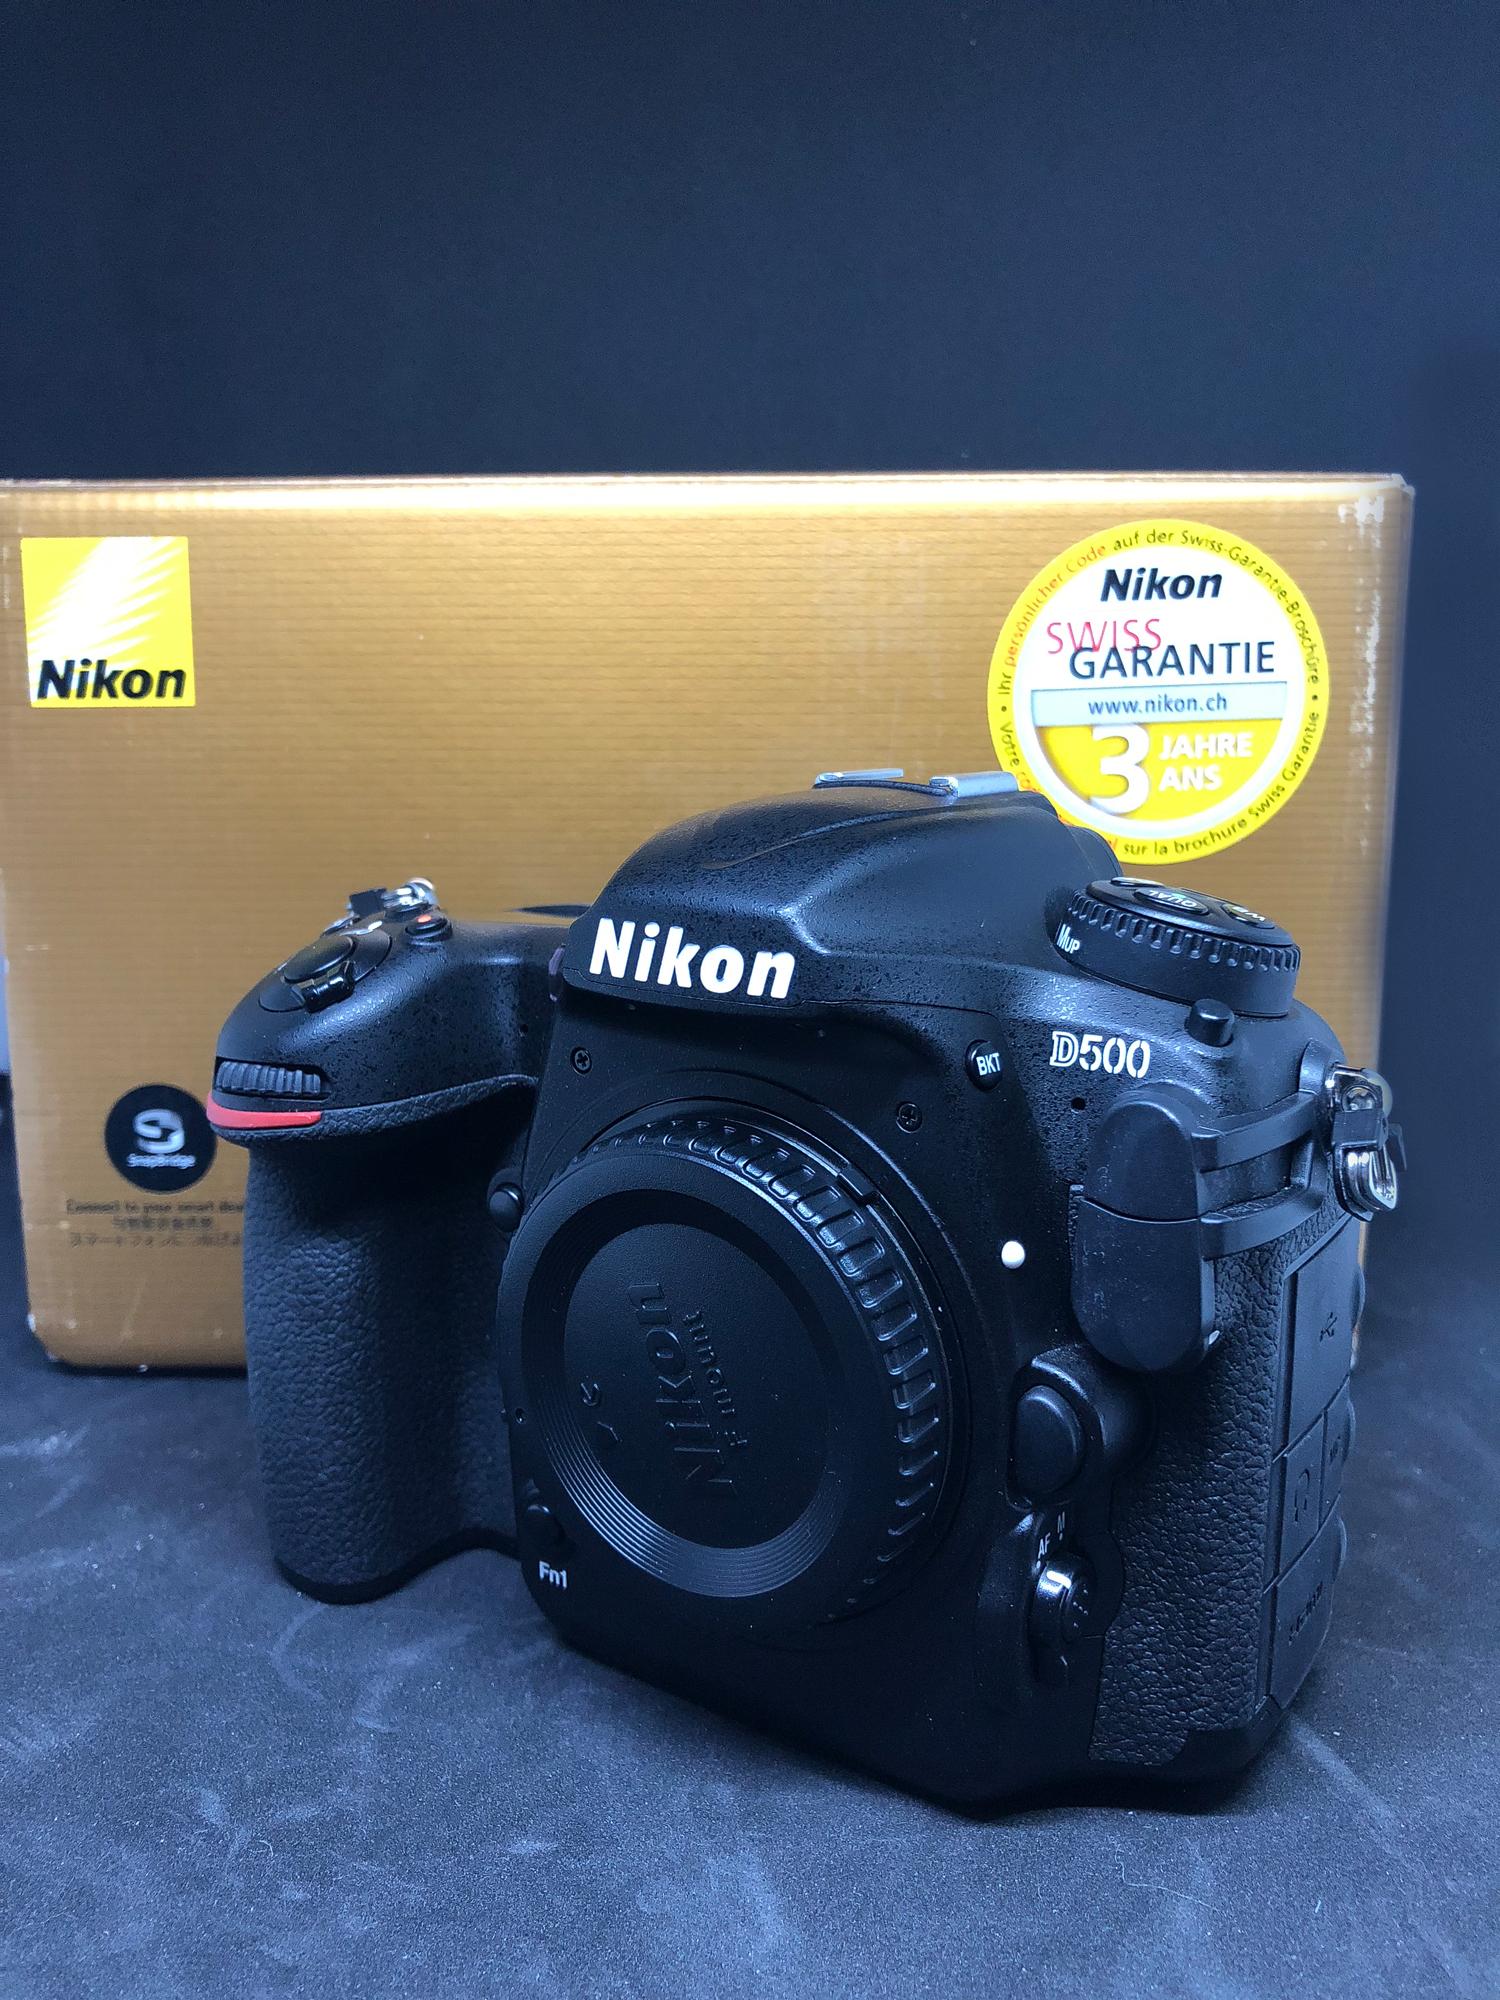 Ott Wyss Ag Fototechnik Nikon D5600 Kit Af P 18 55mm Vr Paket Um Die Kontaktdaten Zu Sehen Mssen Sie Registriert Und Eingeloggt Sein Klicken Hier Sich Registrieren Einzuloggen